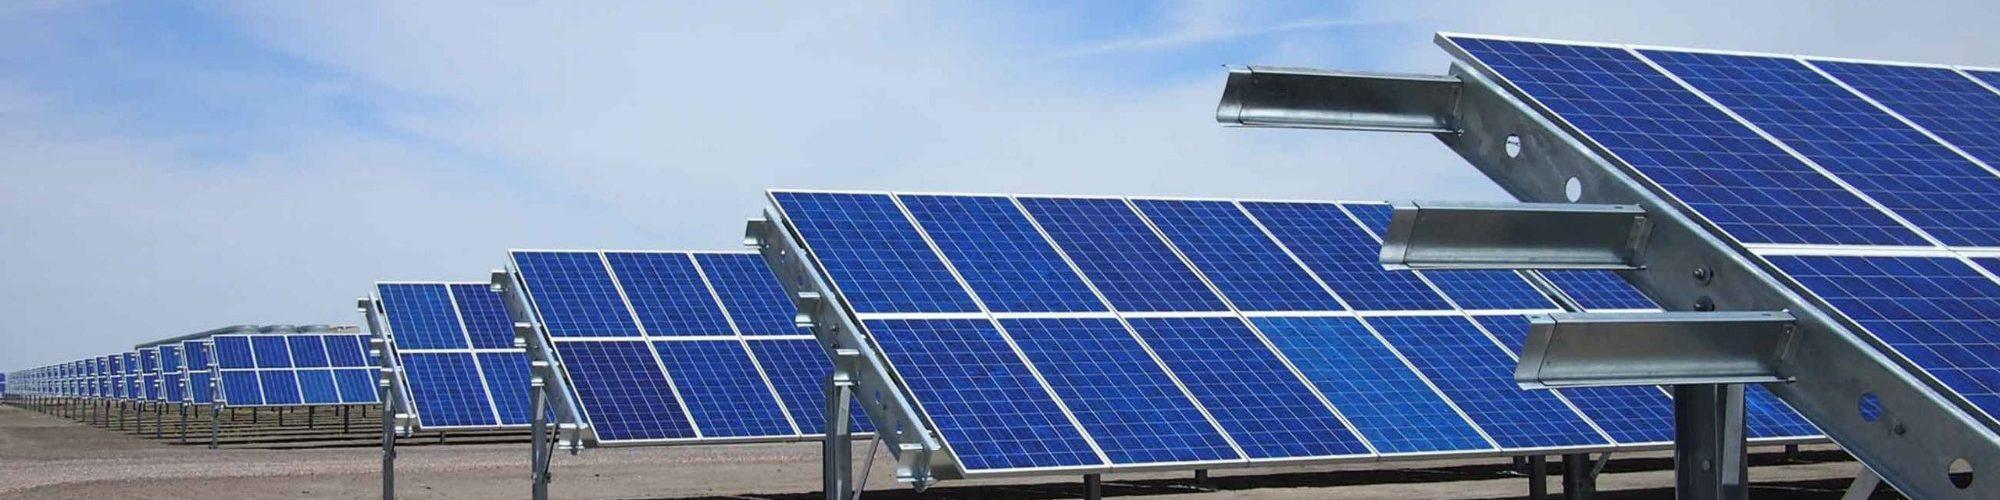 MW Solar Power Plant